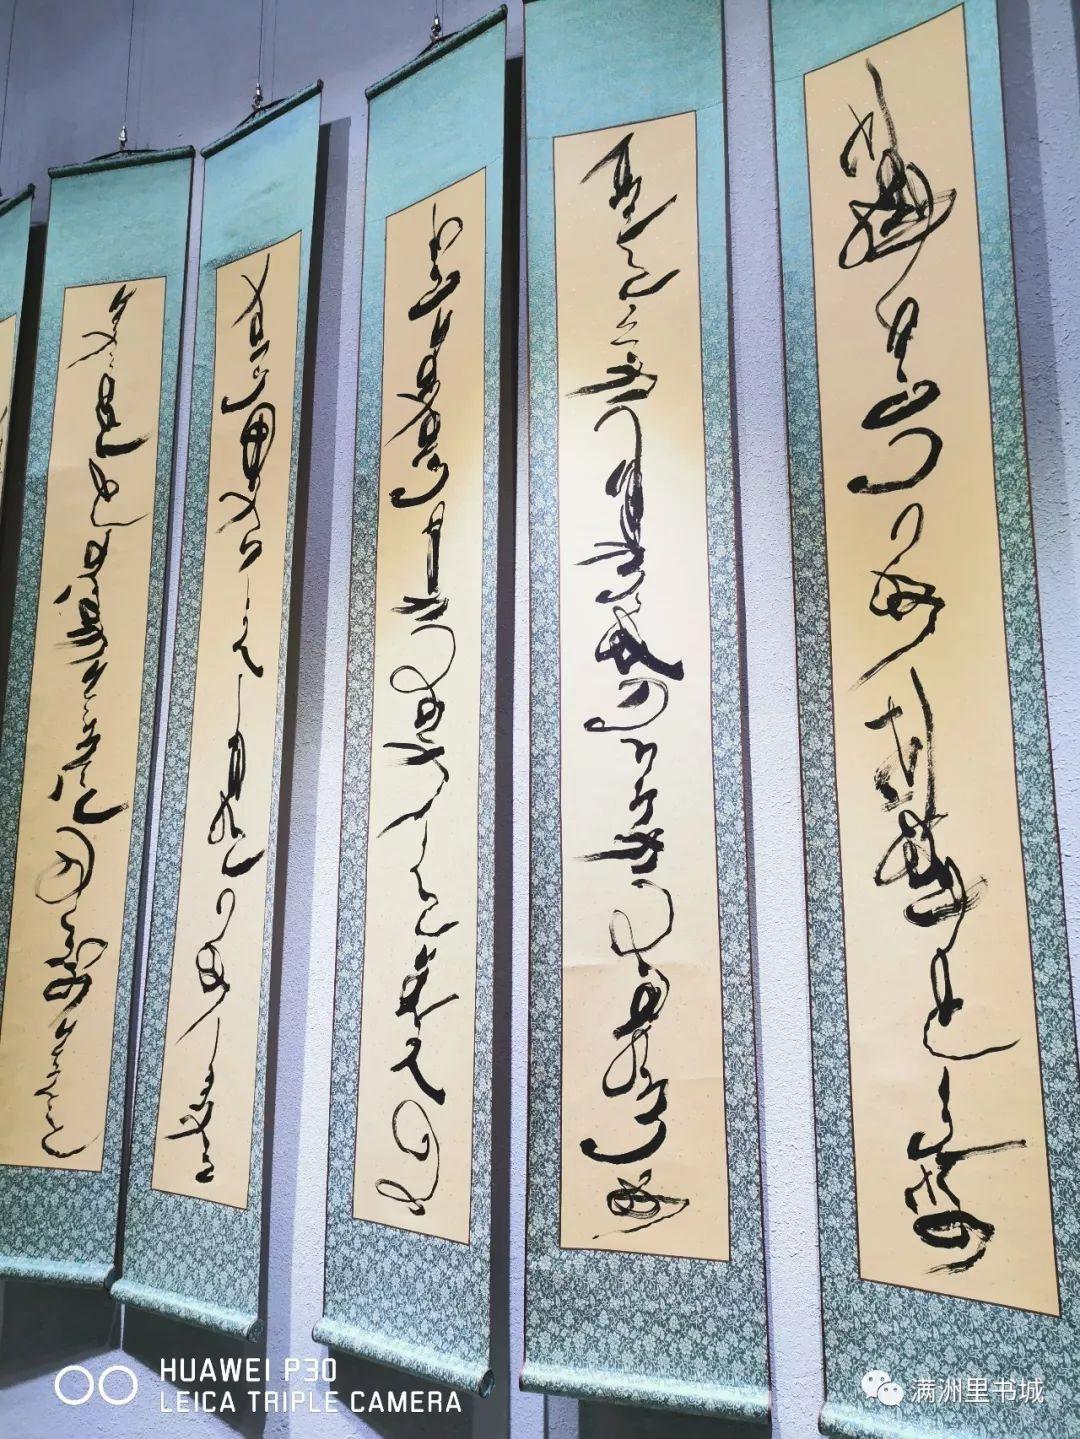 【书城 || 人物】一位蒙古文书法家的情怀 第4张 【书城 || 人物】一位蒙古文书法家的情怀 蒙古书法